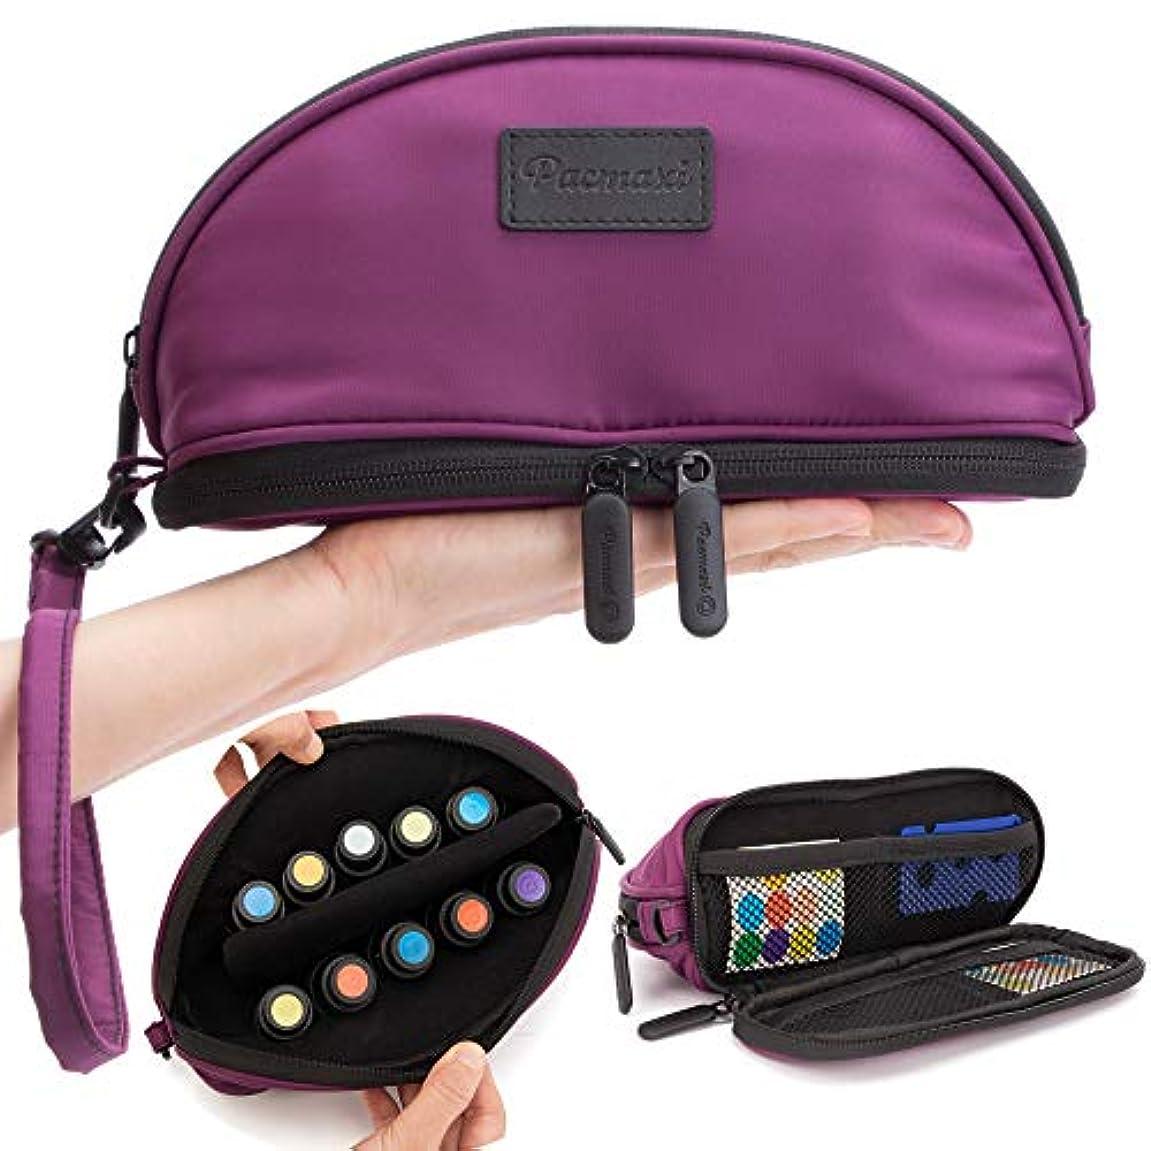 上げる期限にやにや[Pacmaxi]エッセンシャルオイル 収納ポーチ 携帯便利 旅行 10本収納(5ml - 15ml) ナイロン製 撥水加工 ストラップあり (パープル)